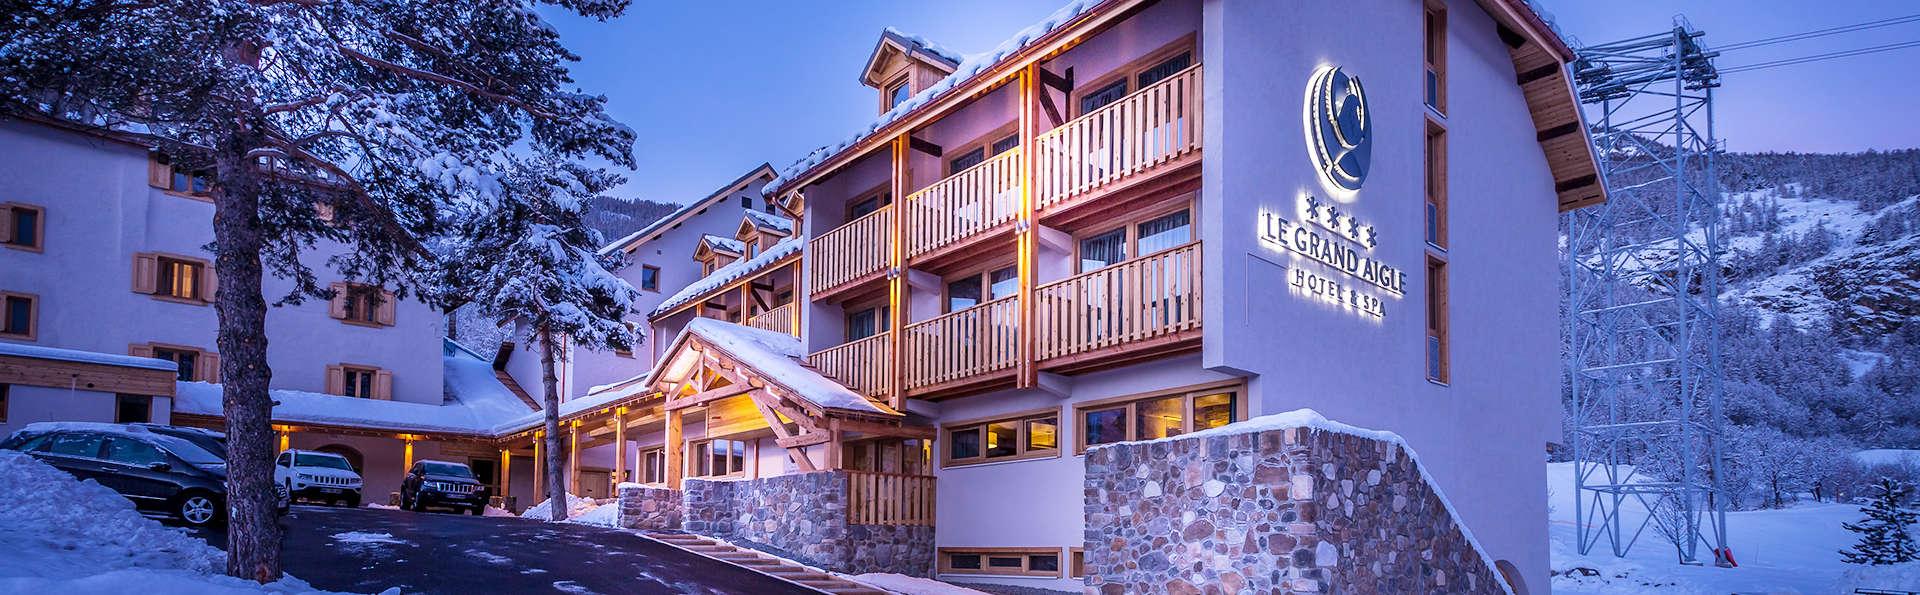 Le Grand Aigle Hotel Et Spa Serre Chevalier